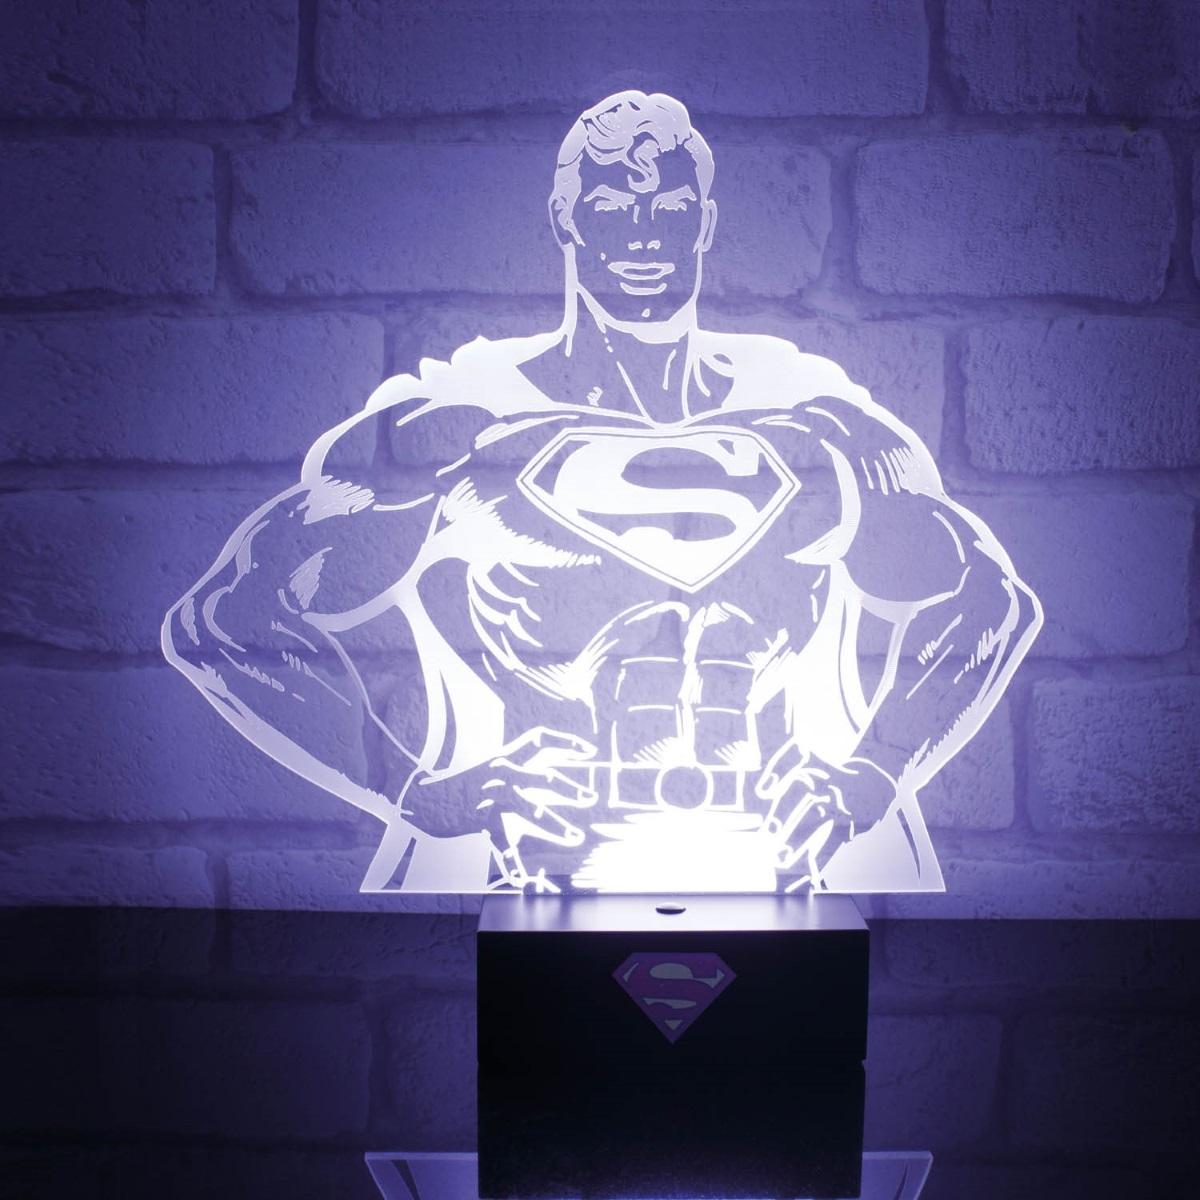 Настольная лампа DC Comics: Superman HeroНастольная лампа DC Comics: Superman Hero создана по мотивам вселенной DC Comics и выполнена в виде трехмерного портрета одного из самых известных супергероев – Супермена.<br>